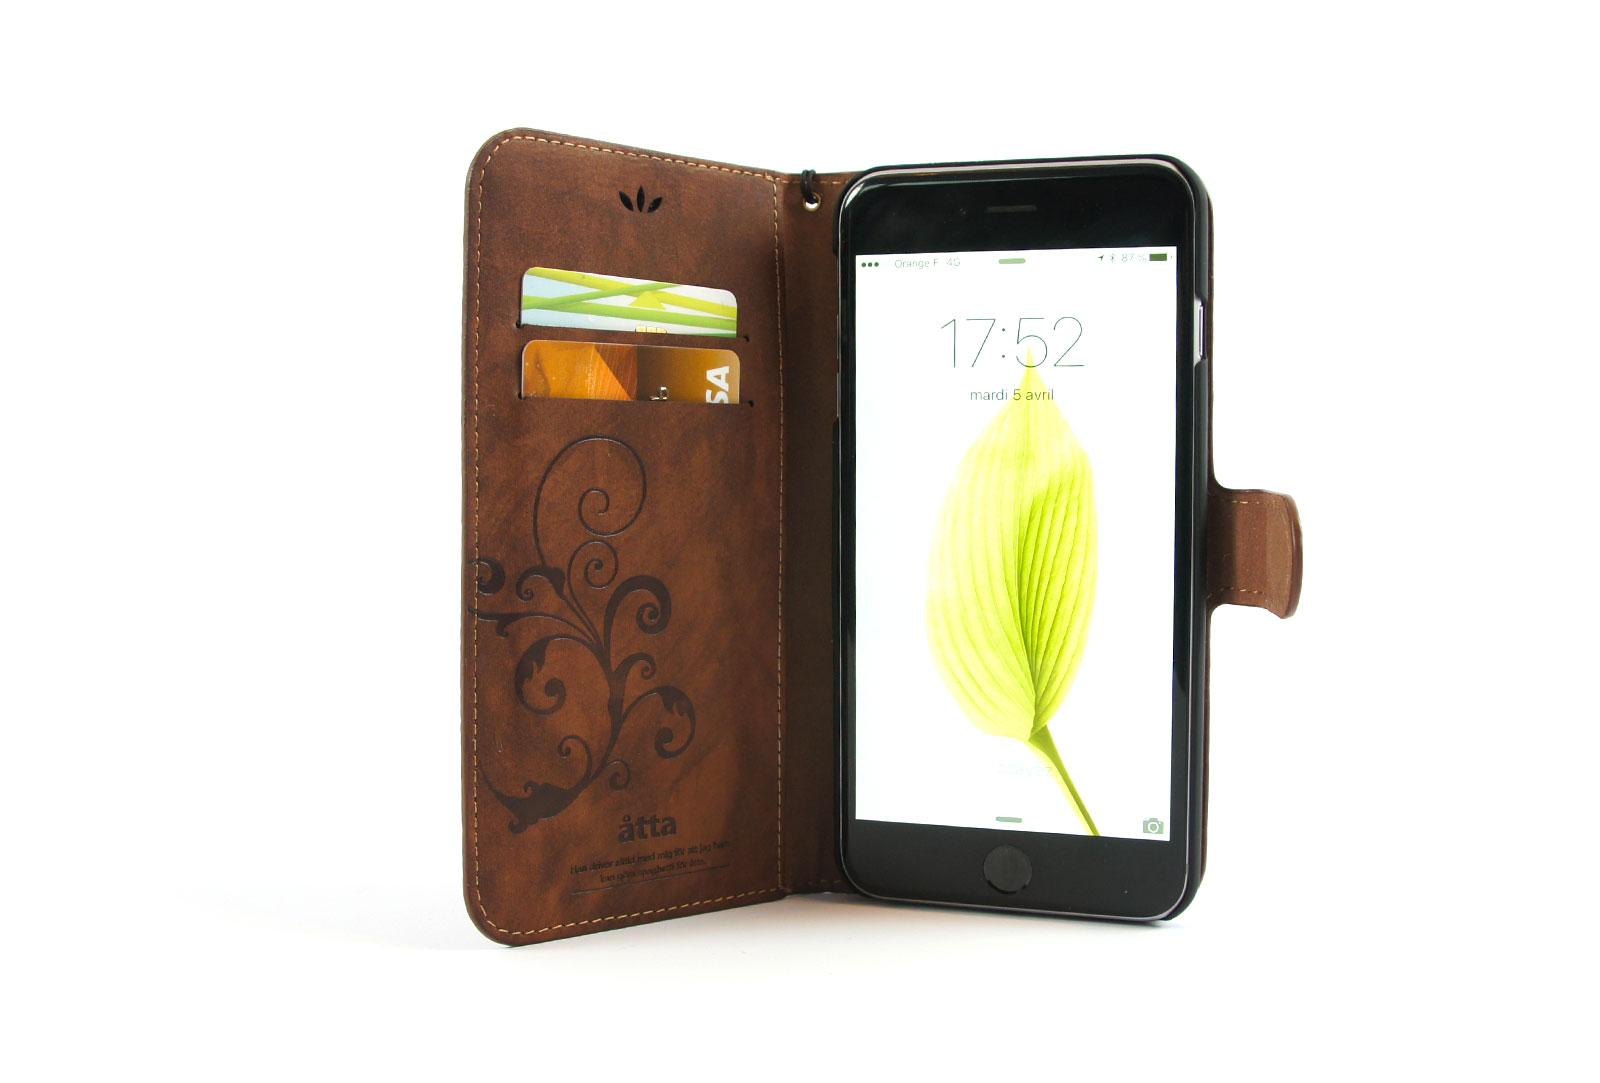 tui portefeuille en simili cuir marron pour iphone se iphone 5 et iphone 5s. Black Bedroom Furniture Sets. Home Design Ideas